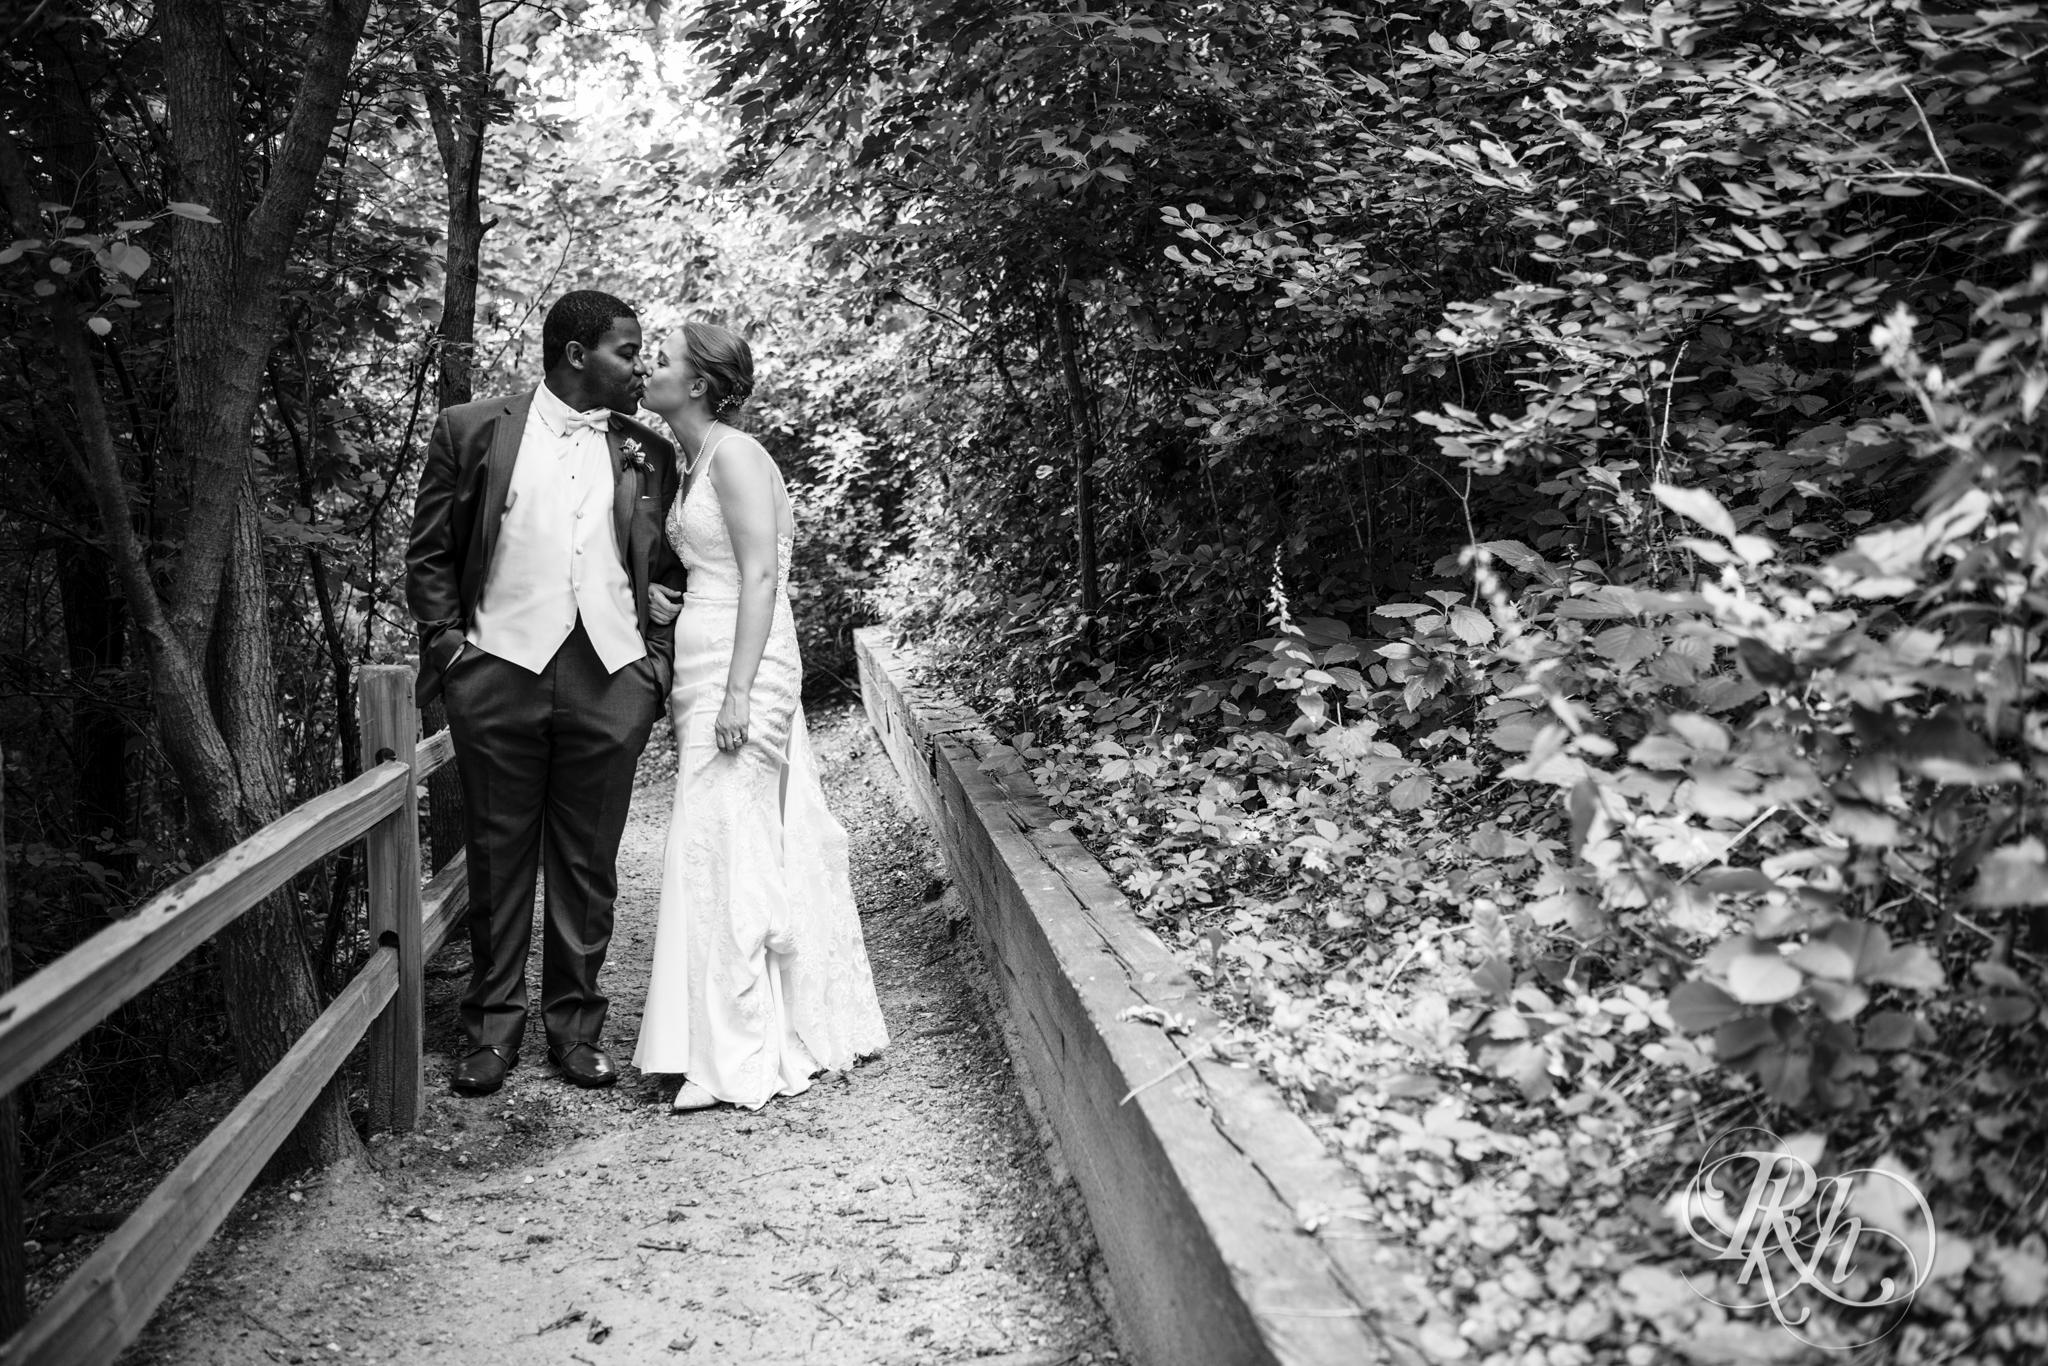 Laura and Adekunle - Minnesota Wedding Photographer - Minnesota History Center - RKH Images - Blog (40 of 75).jpg